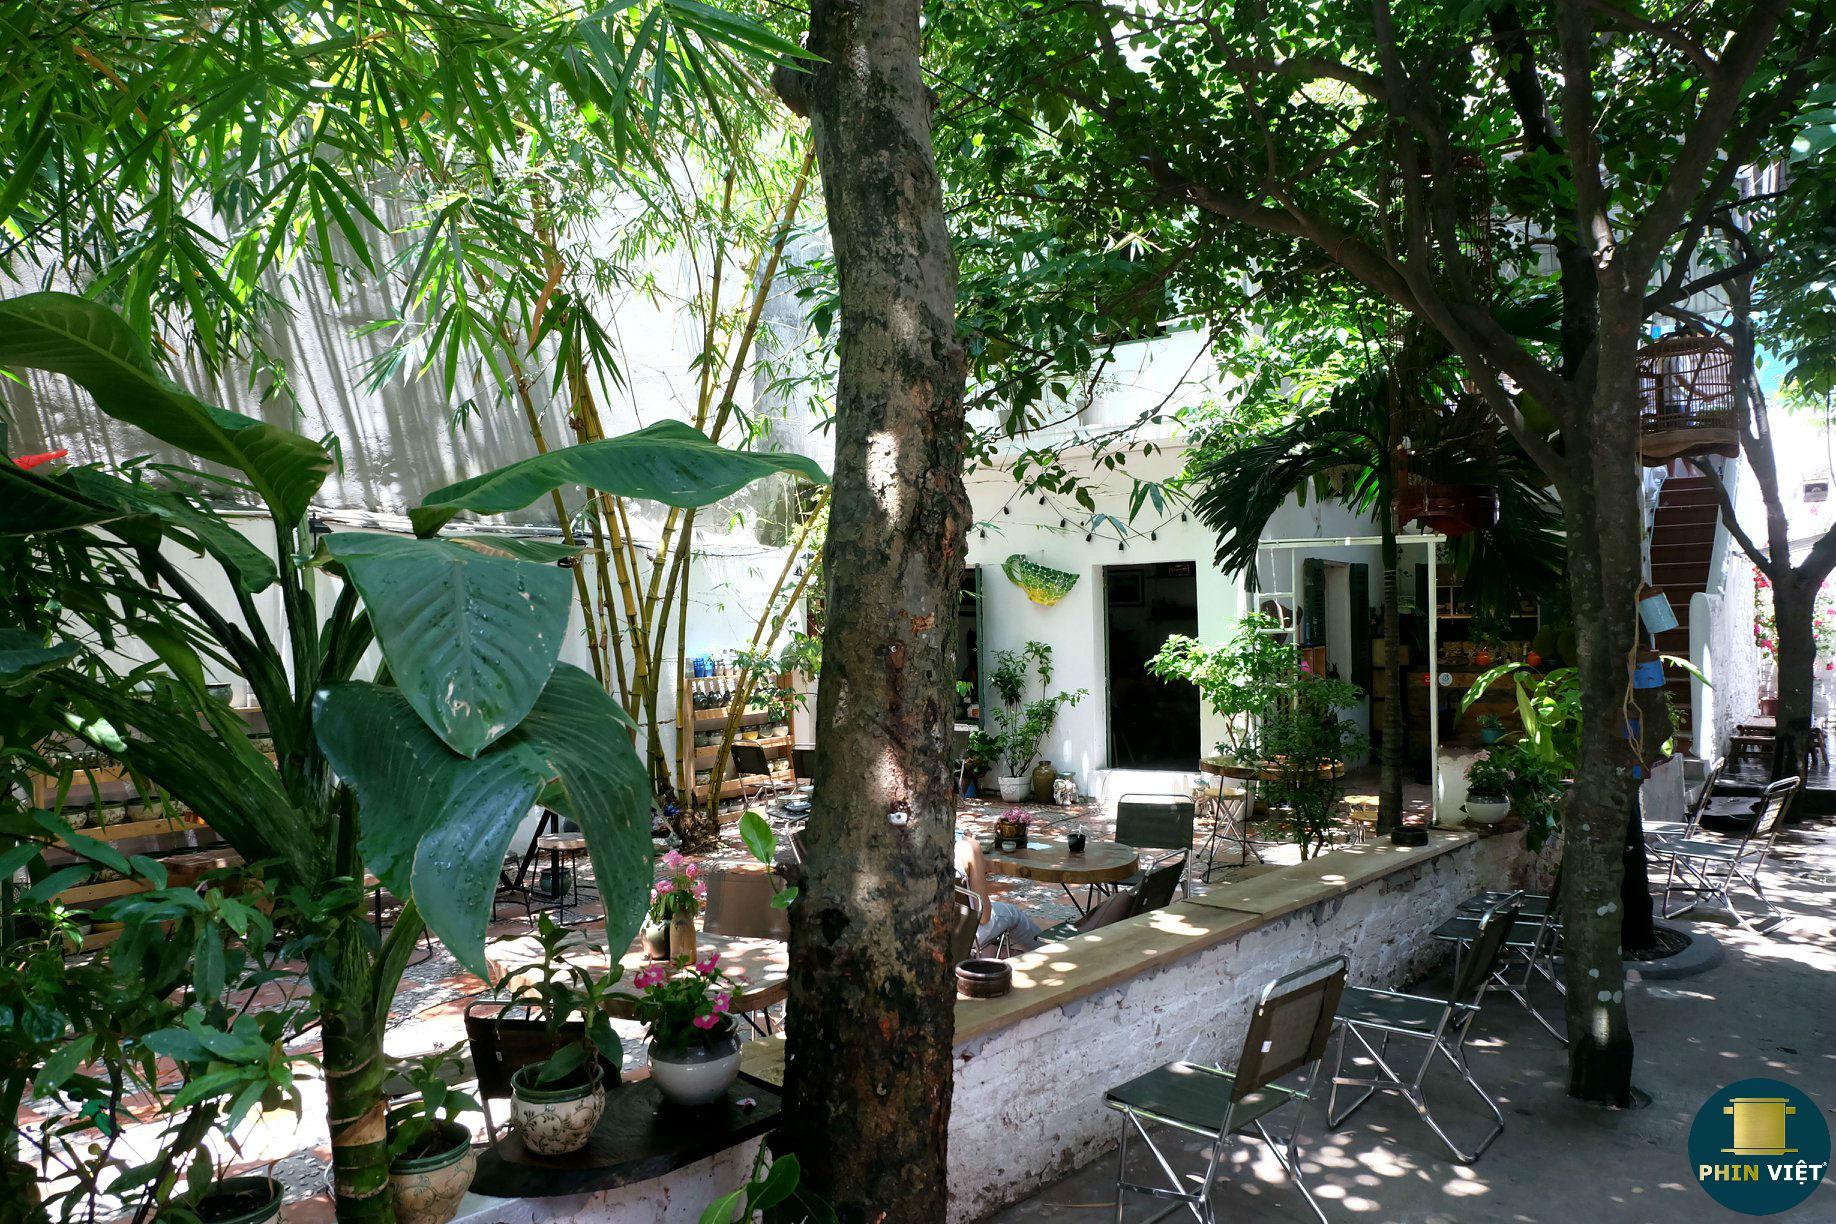 Không gian sân vườn xanh ngát tại quán Ơ Kìa Hà Nội